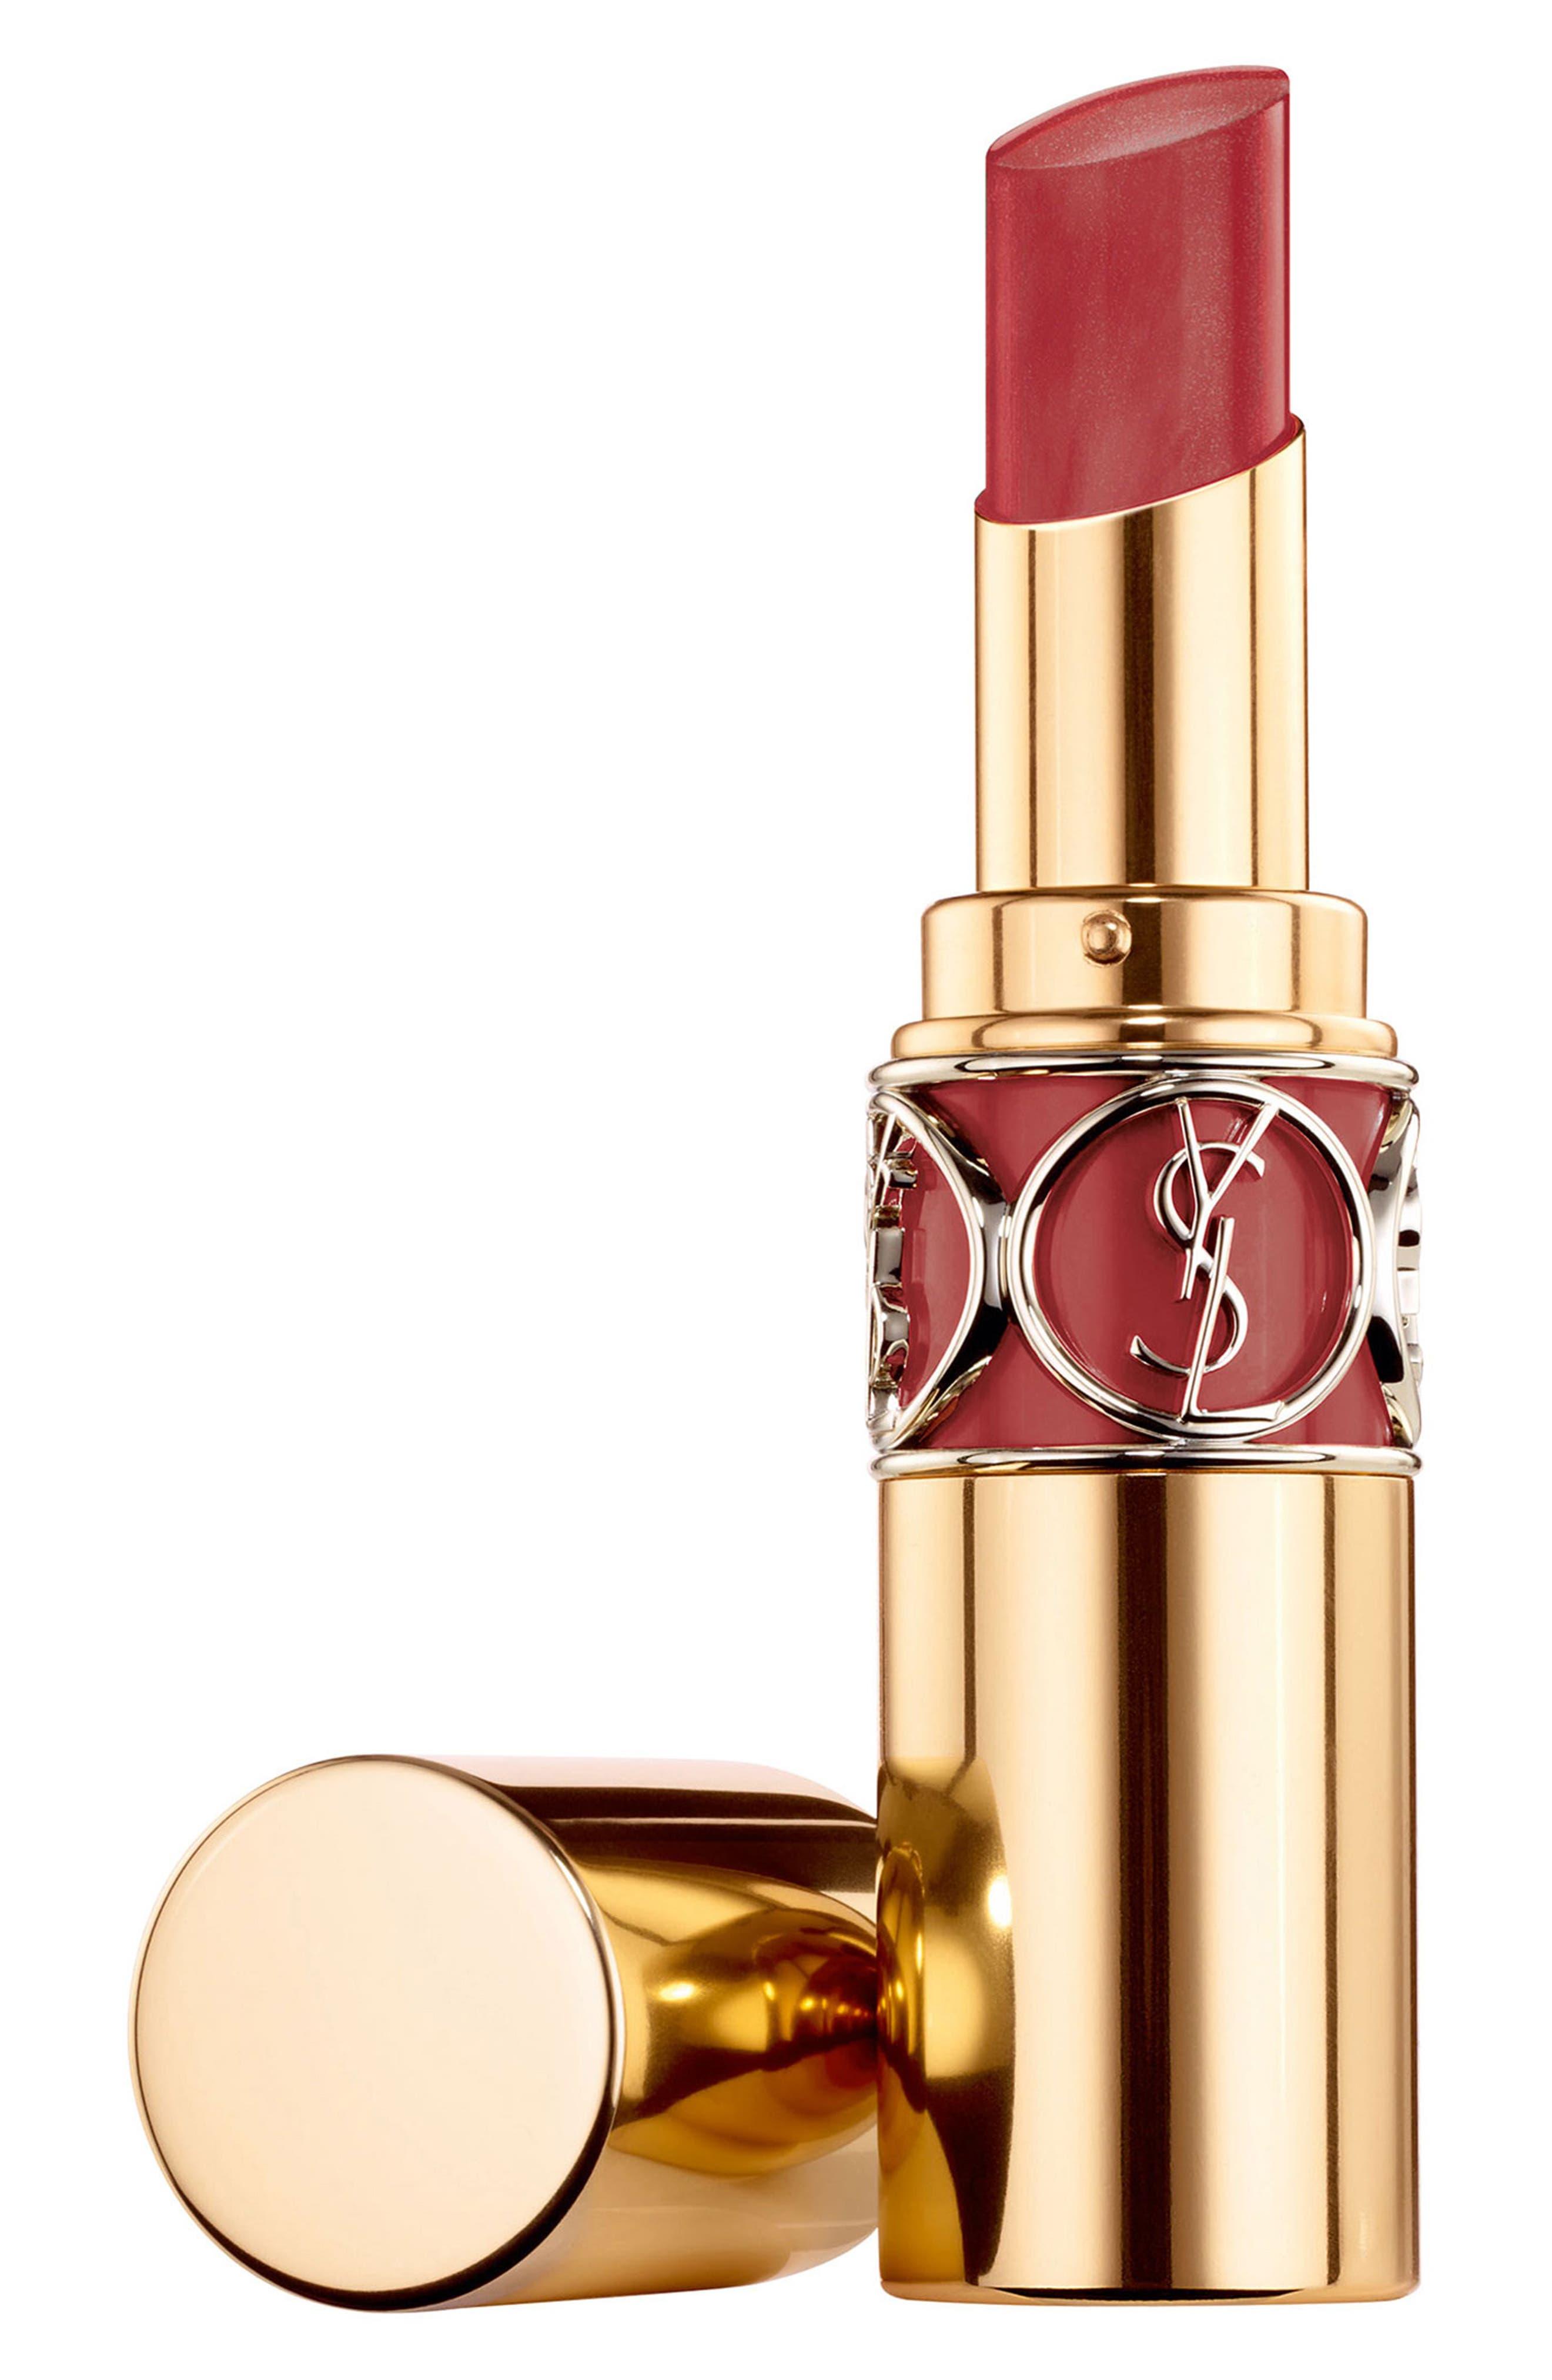 Yves Saint Laurent Rouge Volupte Shine Oil-In-Stick Lipstick - Burgundy Love